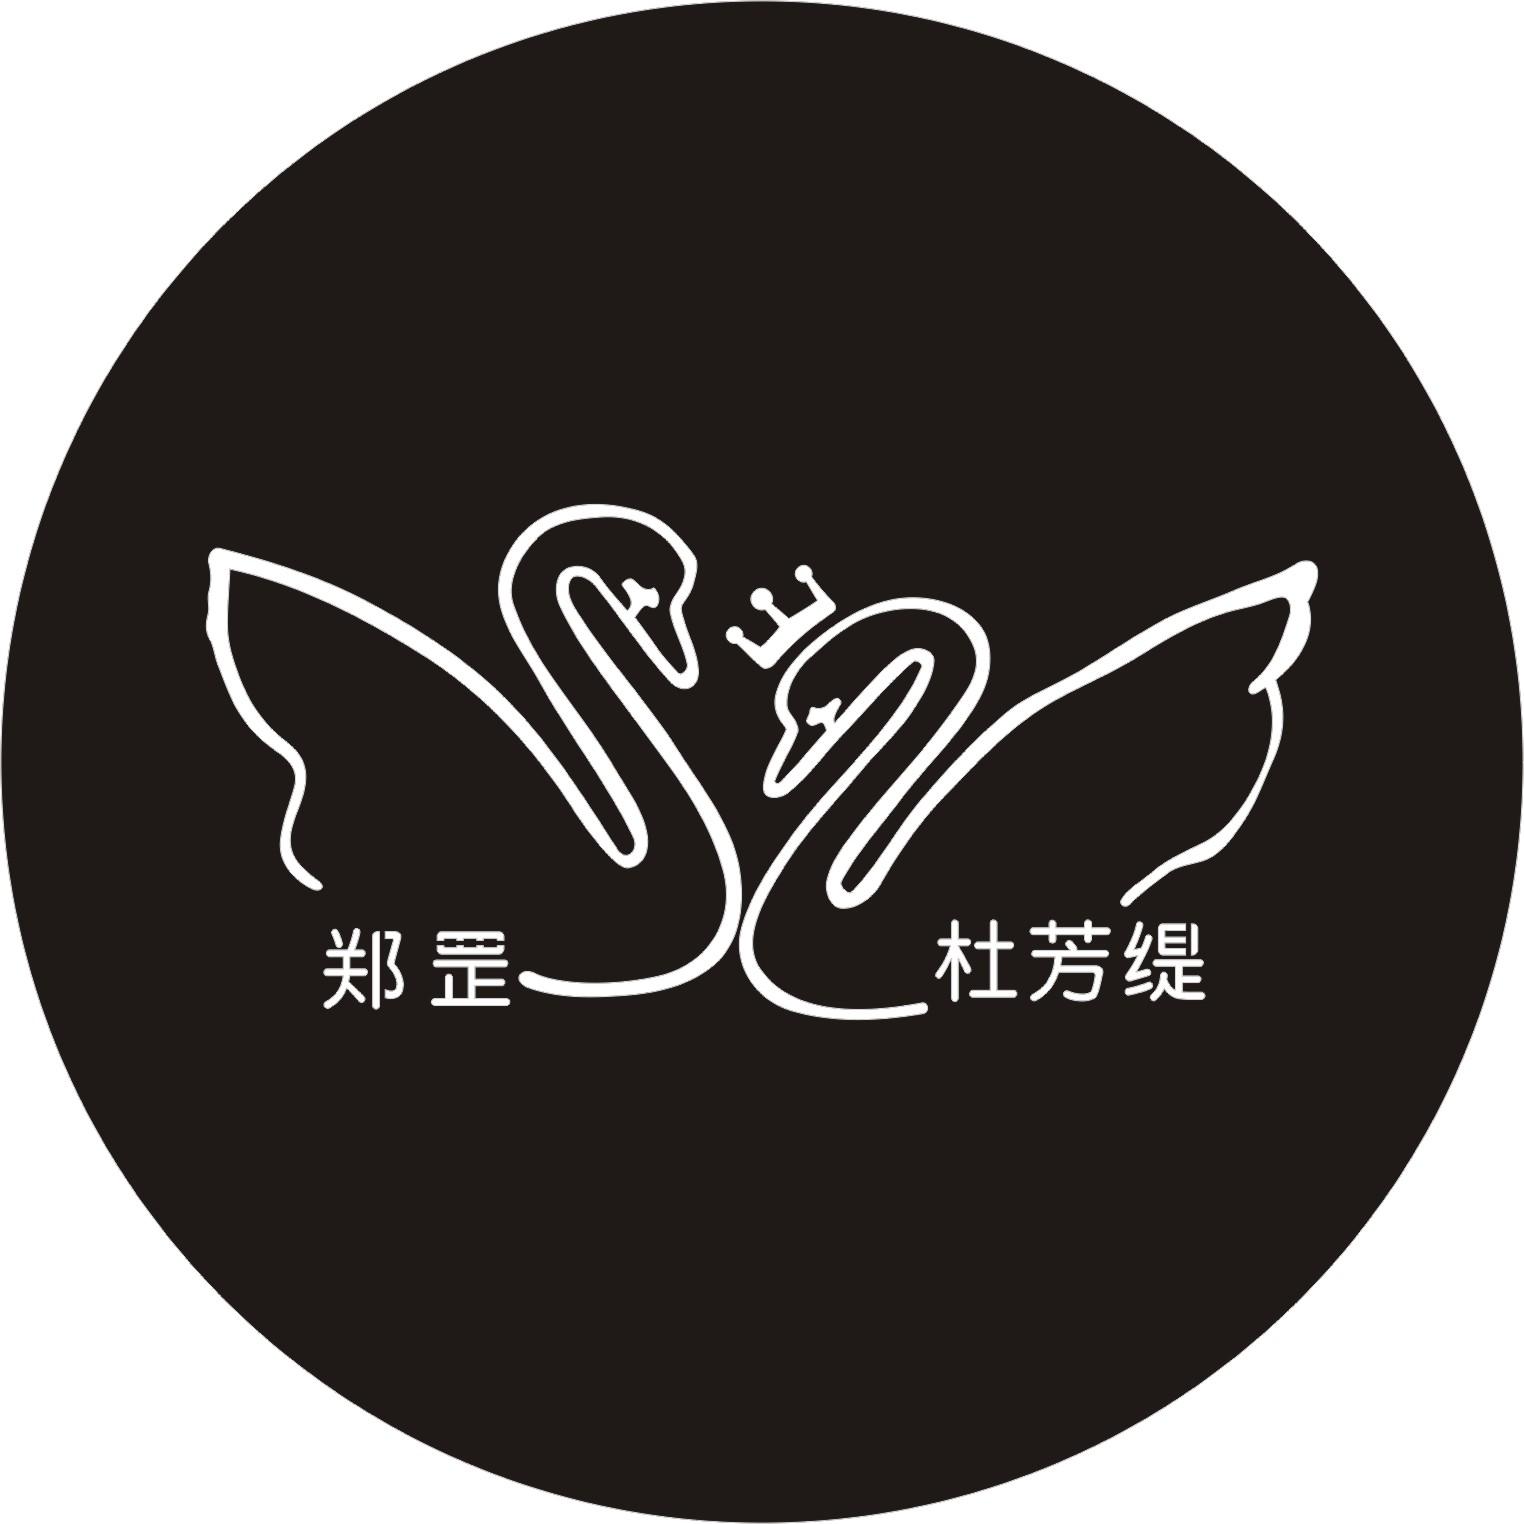 北京光扬创美科技有限公司生产供应婚礼logo片